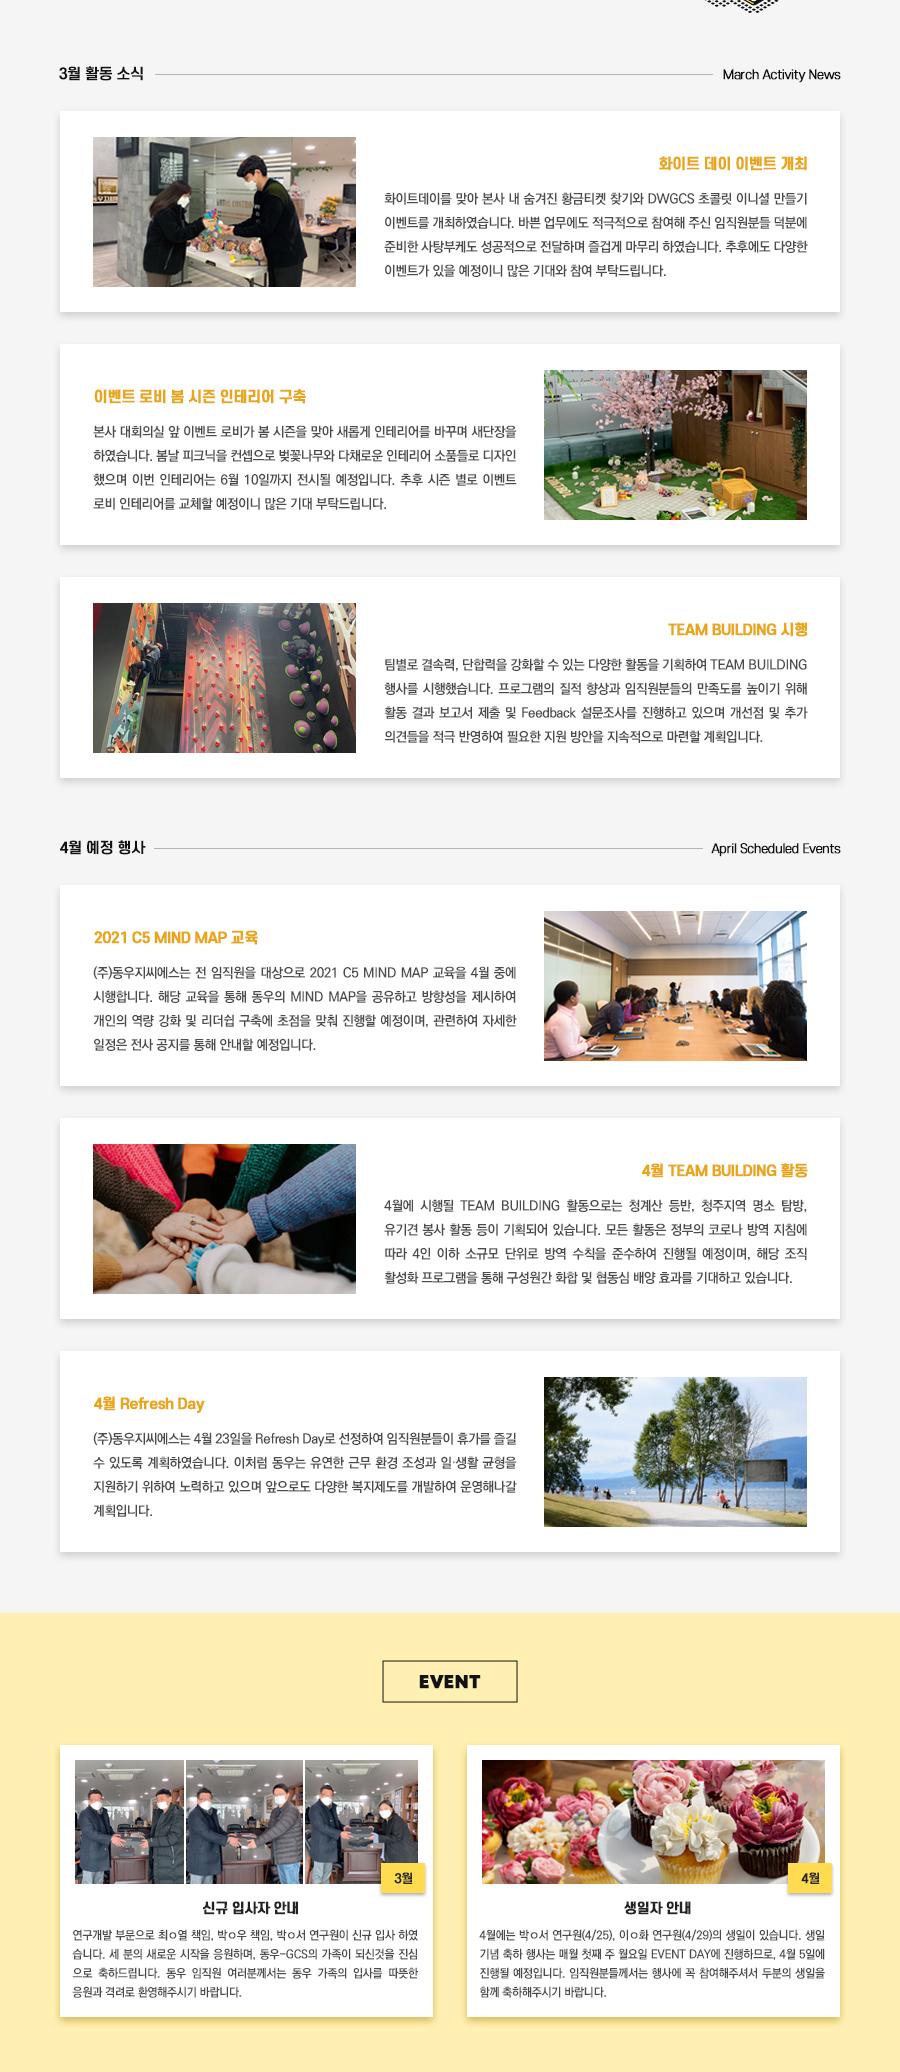 동우-GCS_NEWS-LETTER_2021년-4월호_분할_홈페이지_02.jpg